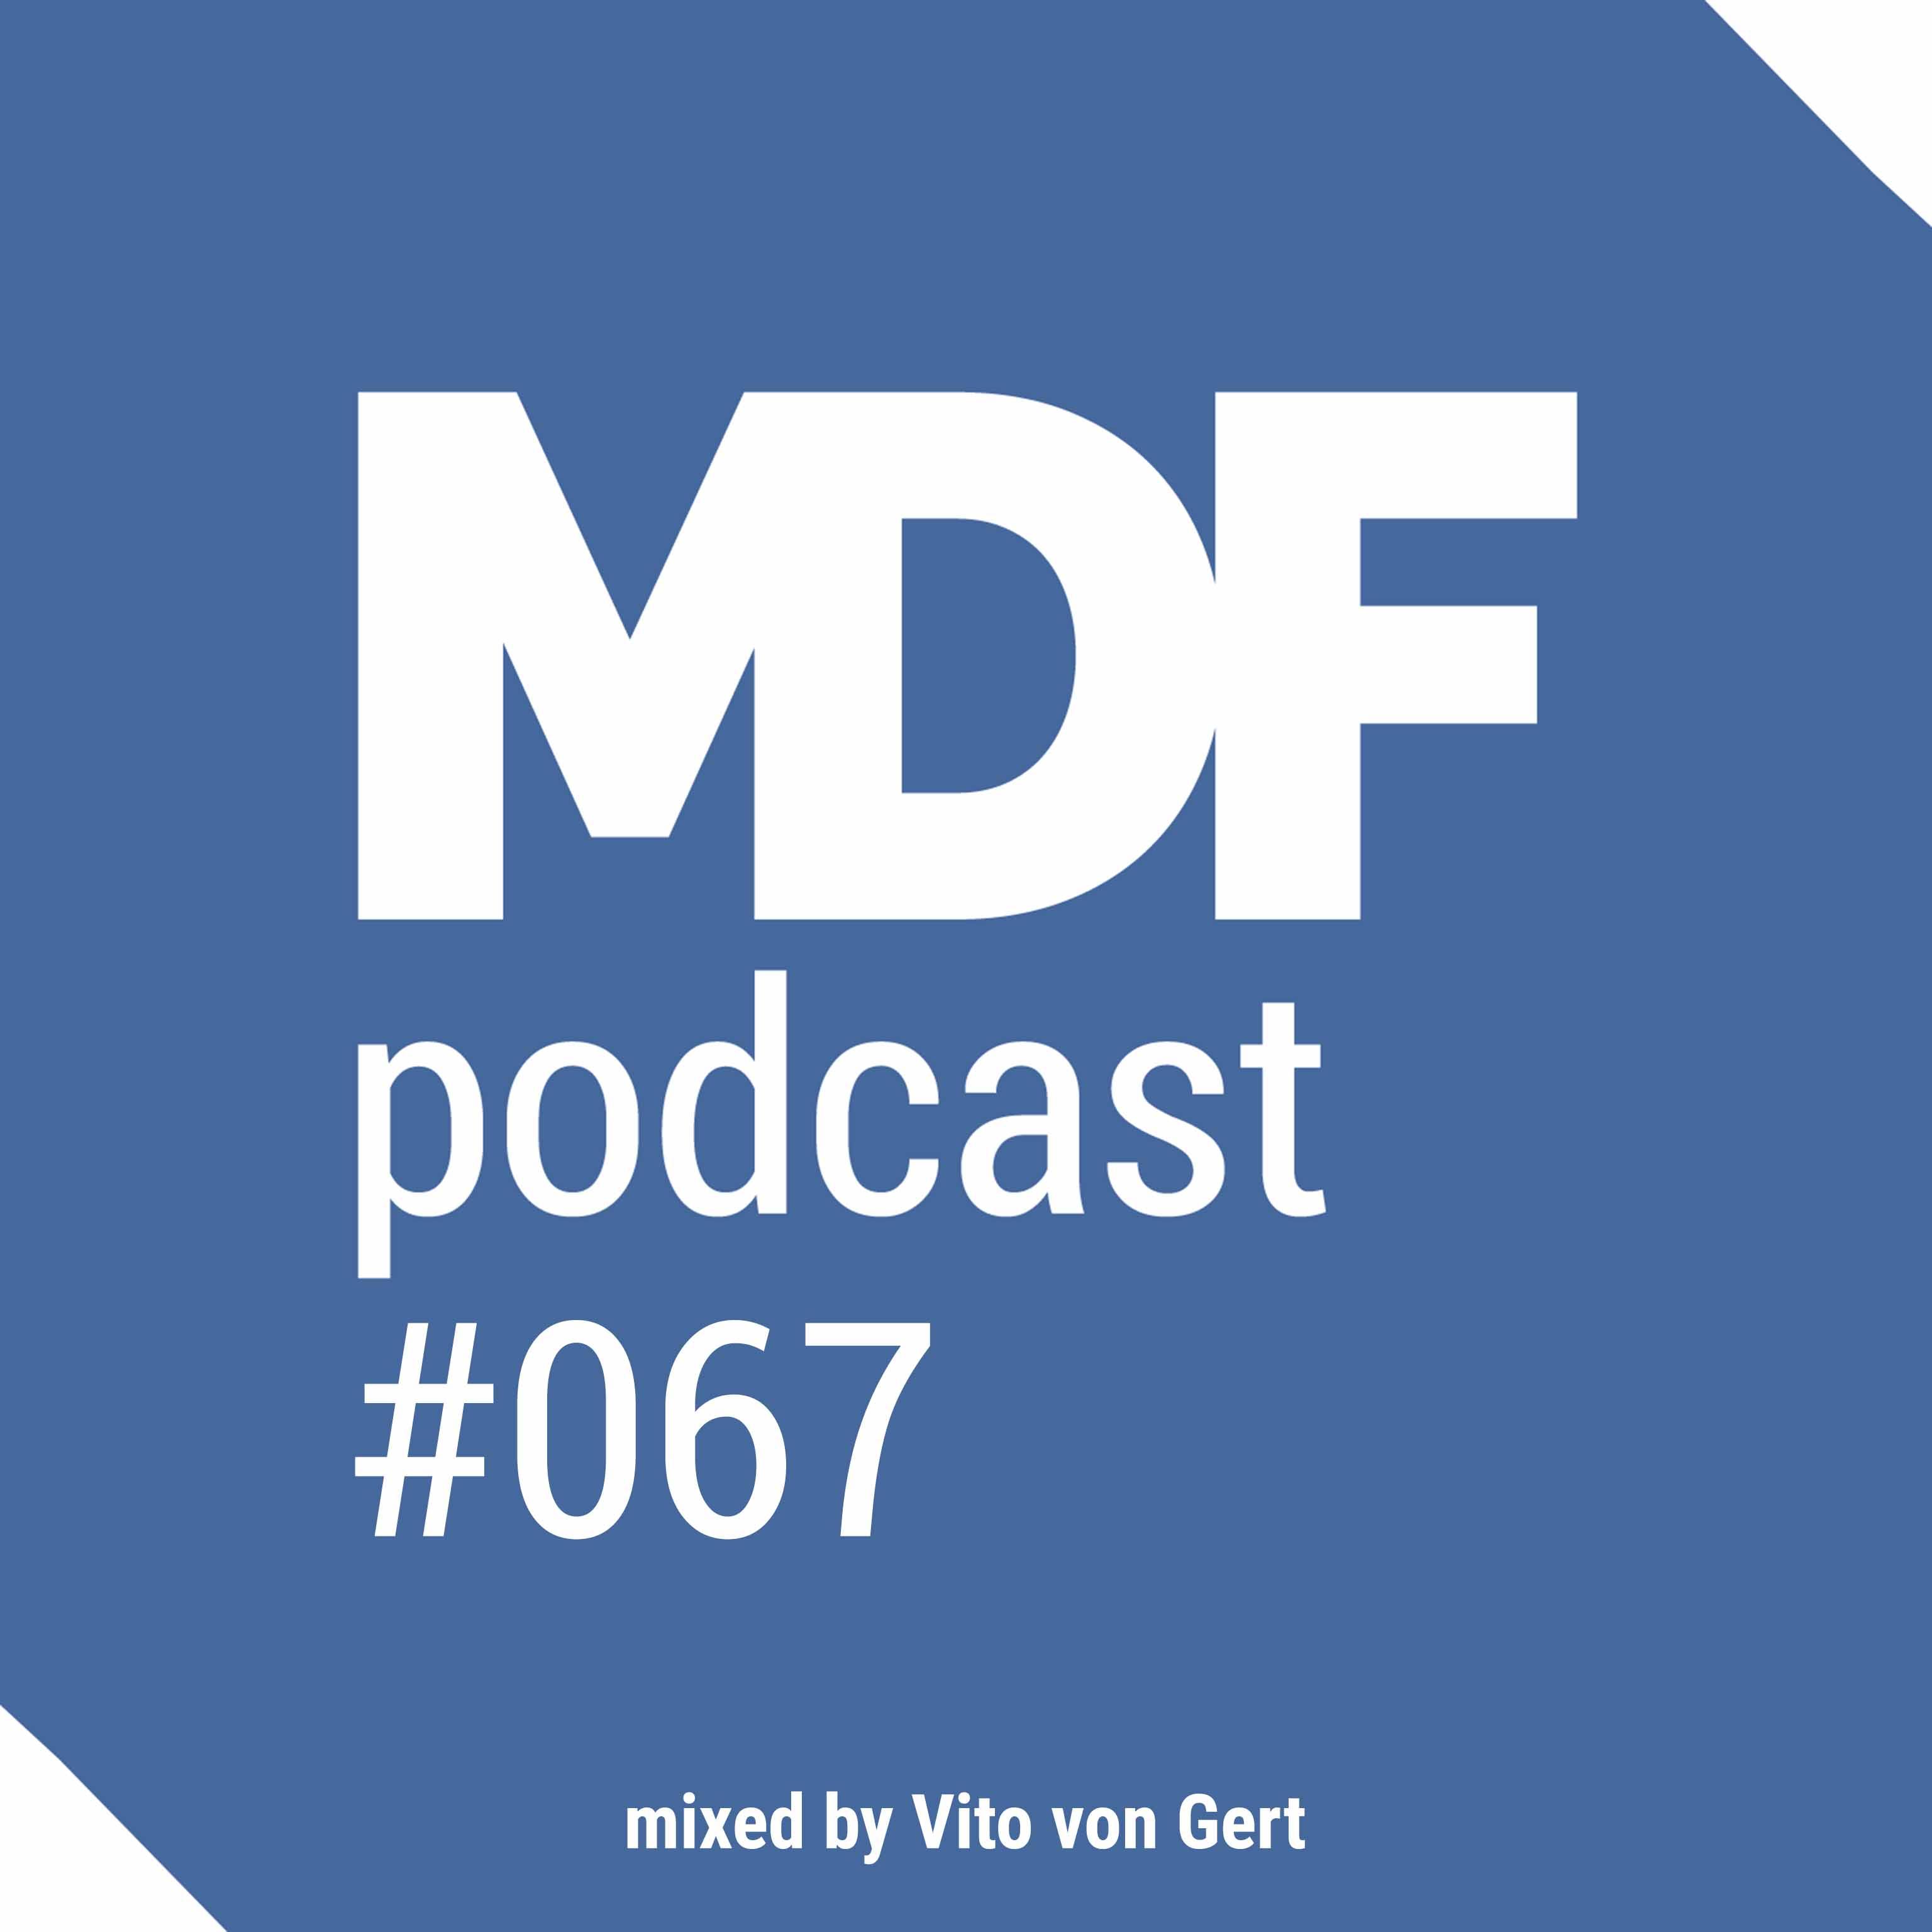 MDF Podcast o67